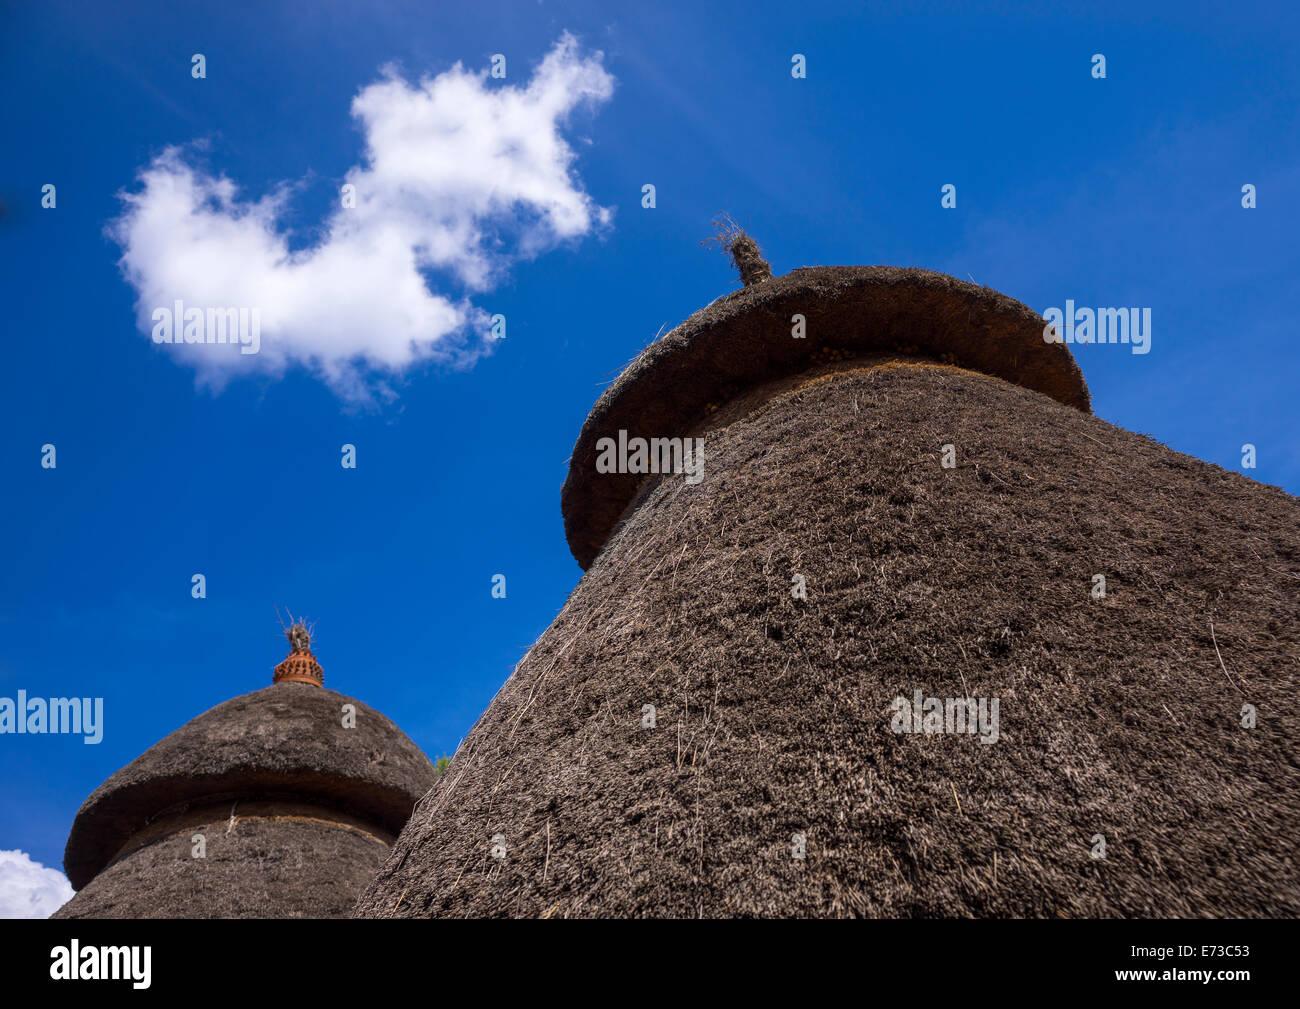 Tribù Konso case tradizionali con pentole sulla parte superiore, Konso, Valle dell'Omo, Etiopia Immagini Stock